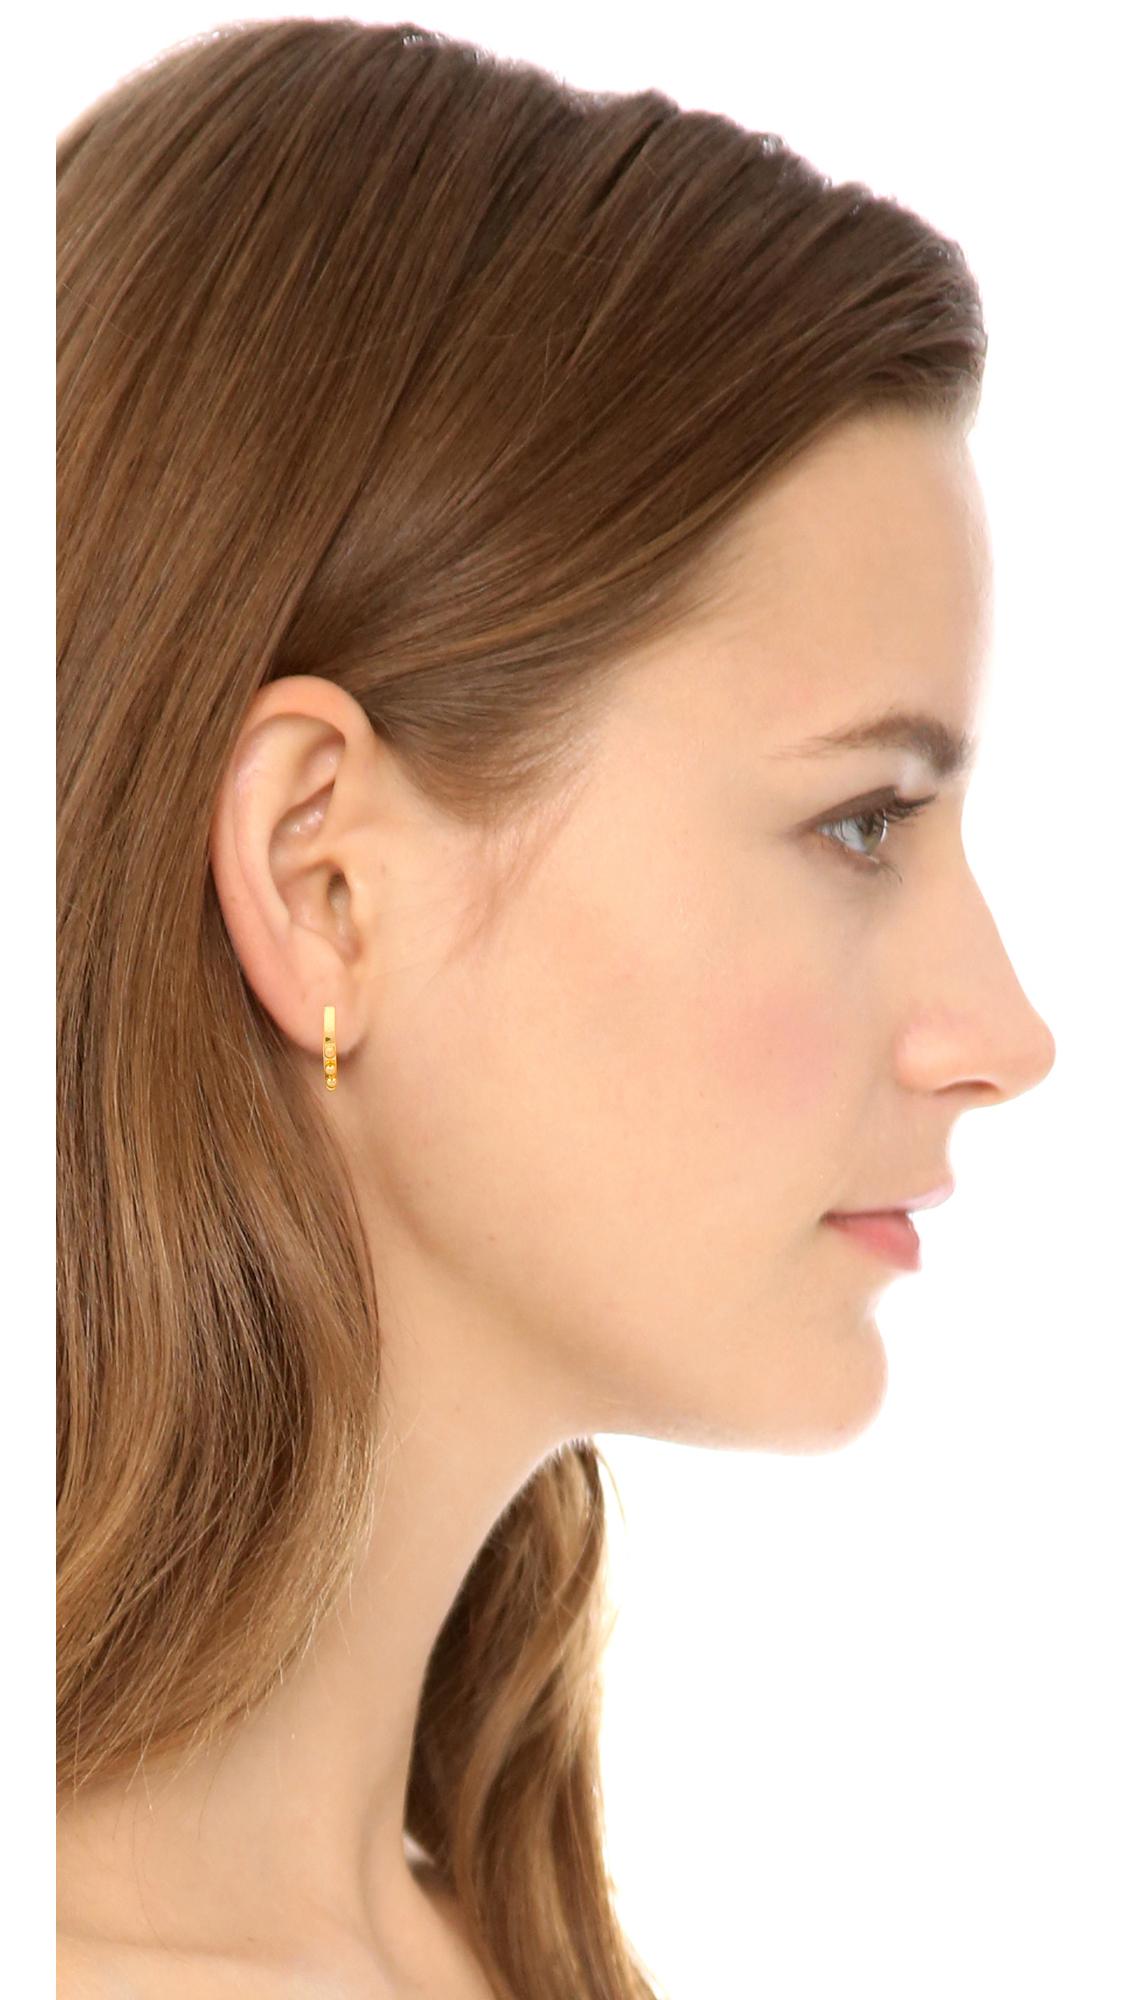 be239f65602c73 Madewell Dot Hoop Earrings - Vintage Gold in Metallic - Lyst